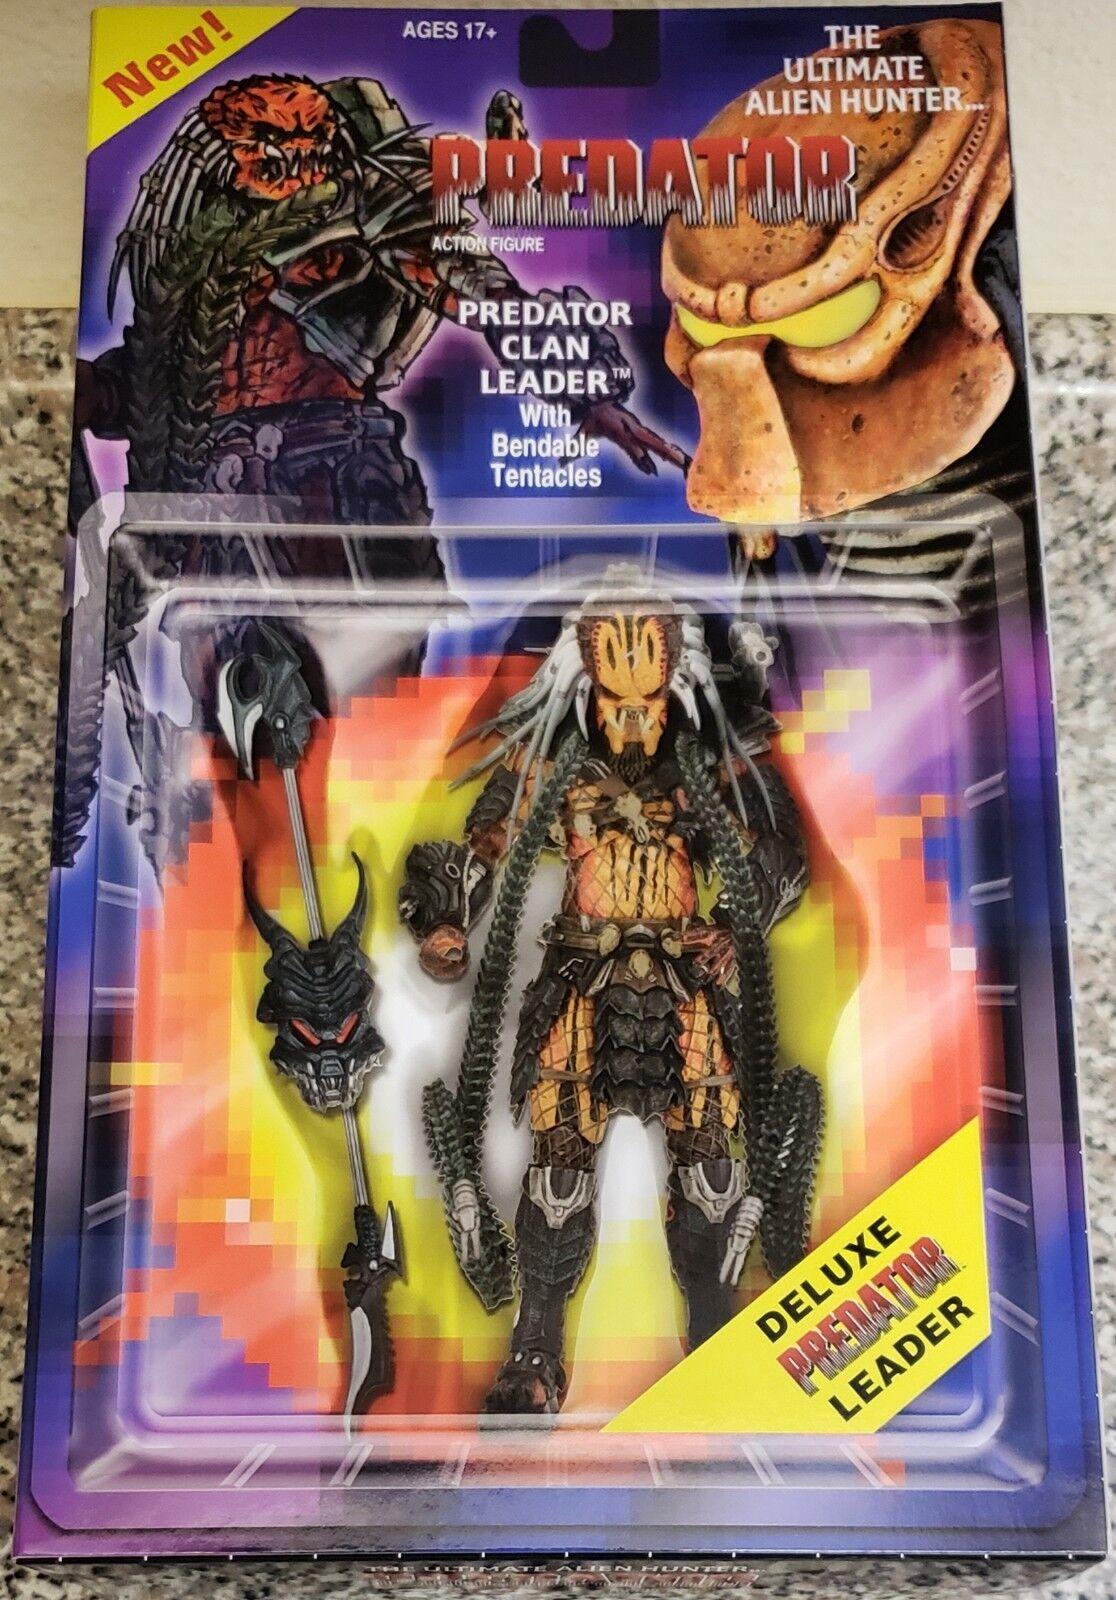 NECA Projoator clan líder, el Ultimate Alien Hunter, Deluxe Figura (Nuevo Y Raro)